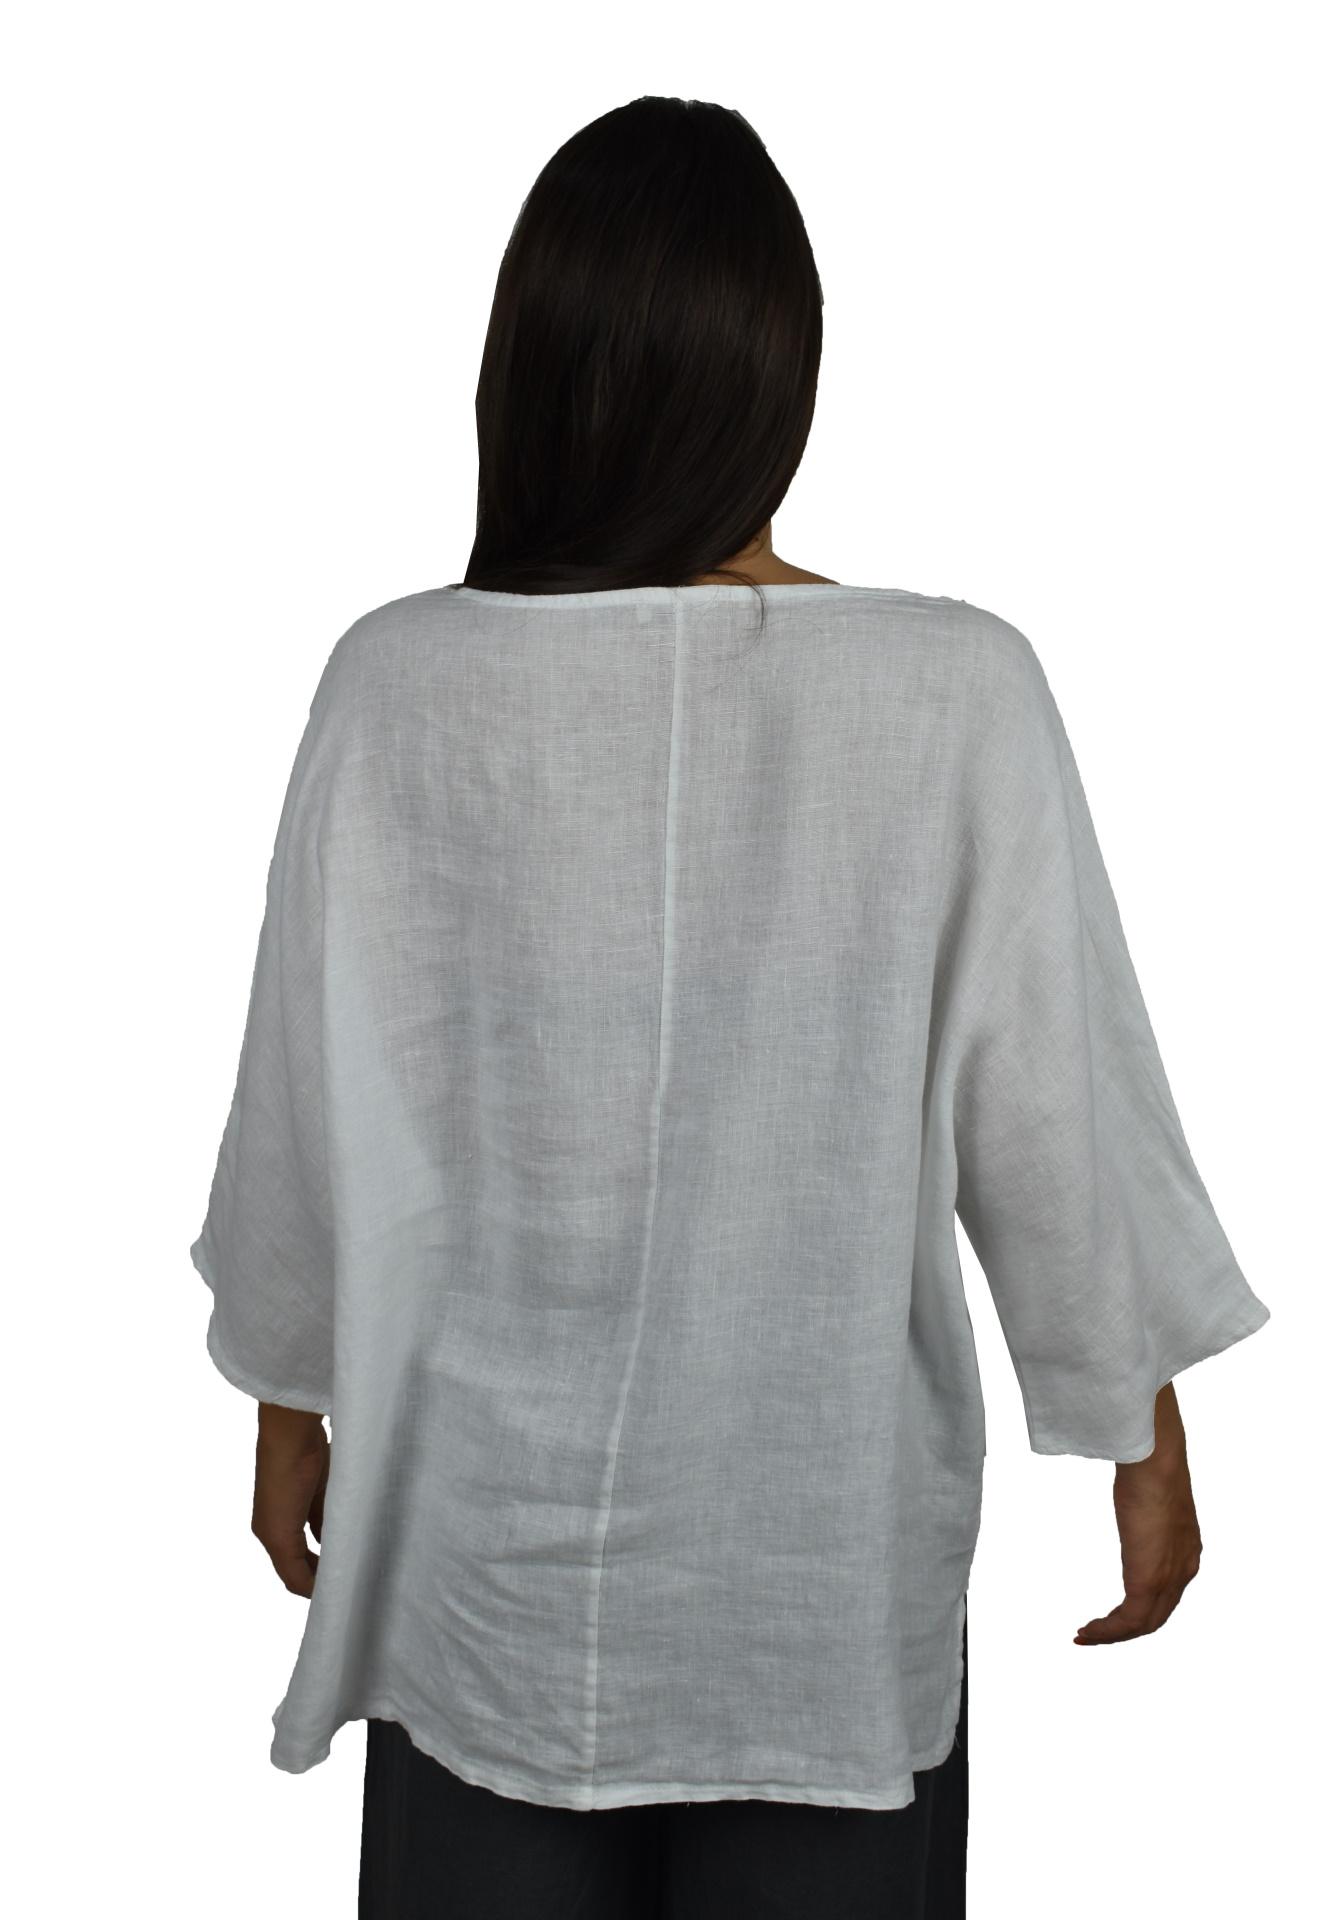 MAGMAXPE2101 BIANCO MAGLIA DA DONNA GIROCOLLO CON MANICA A 34 100 LINO 1 1stAmerican maglia da donna girocollo con manica a 3/4 100% lino Made in Italy - t-shirt manica corta da donna mare in lino